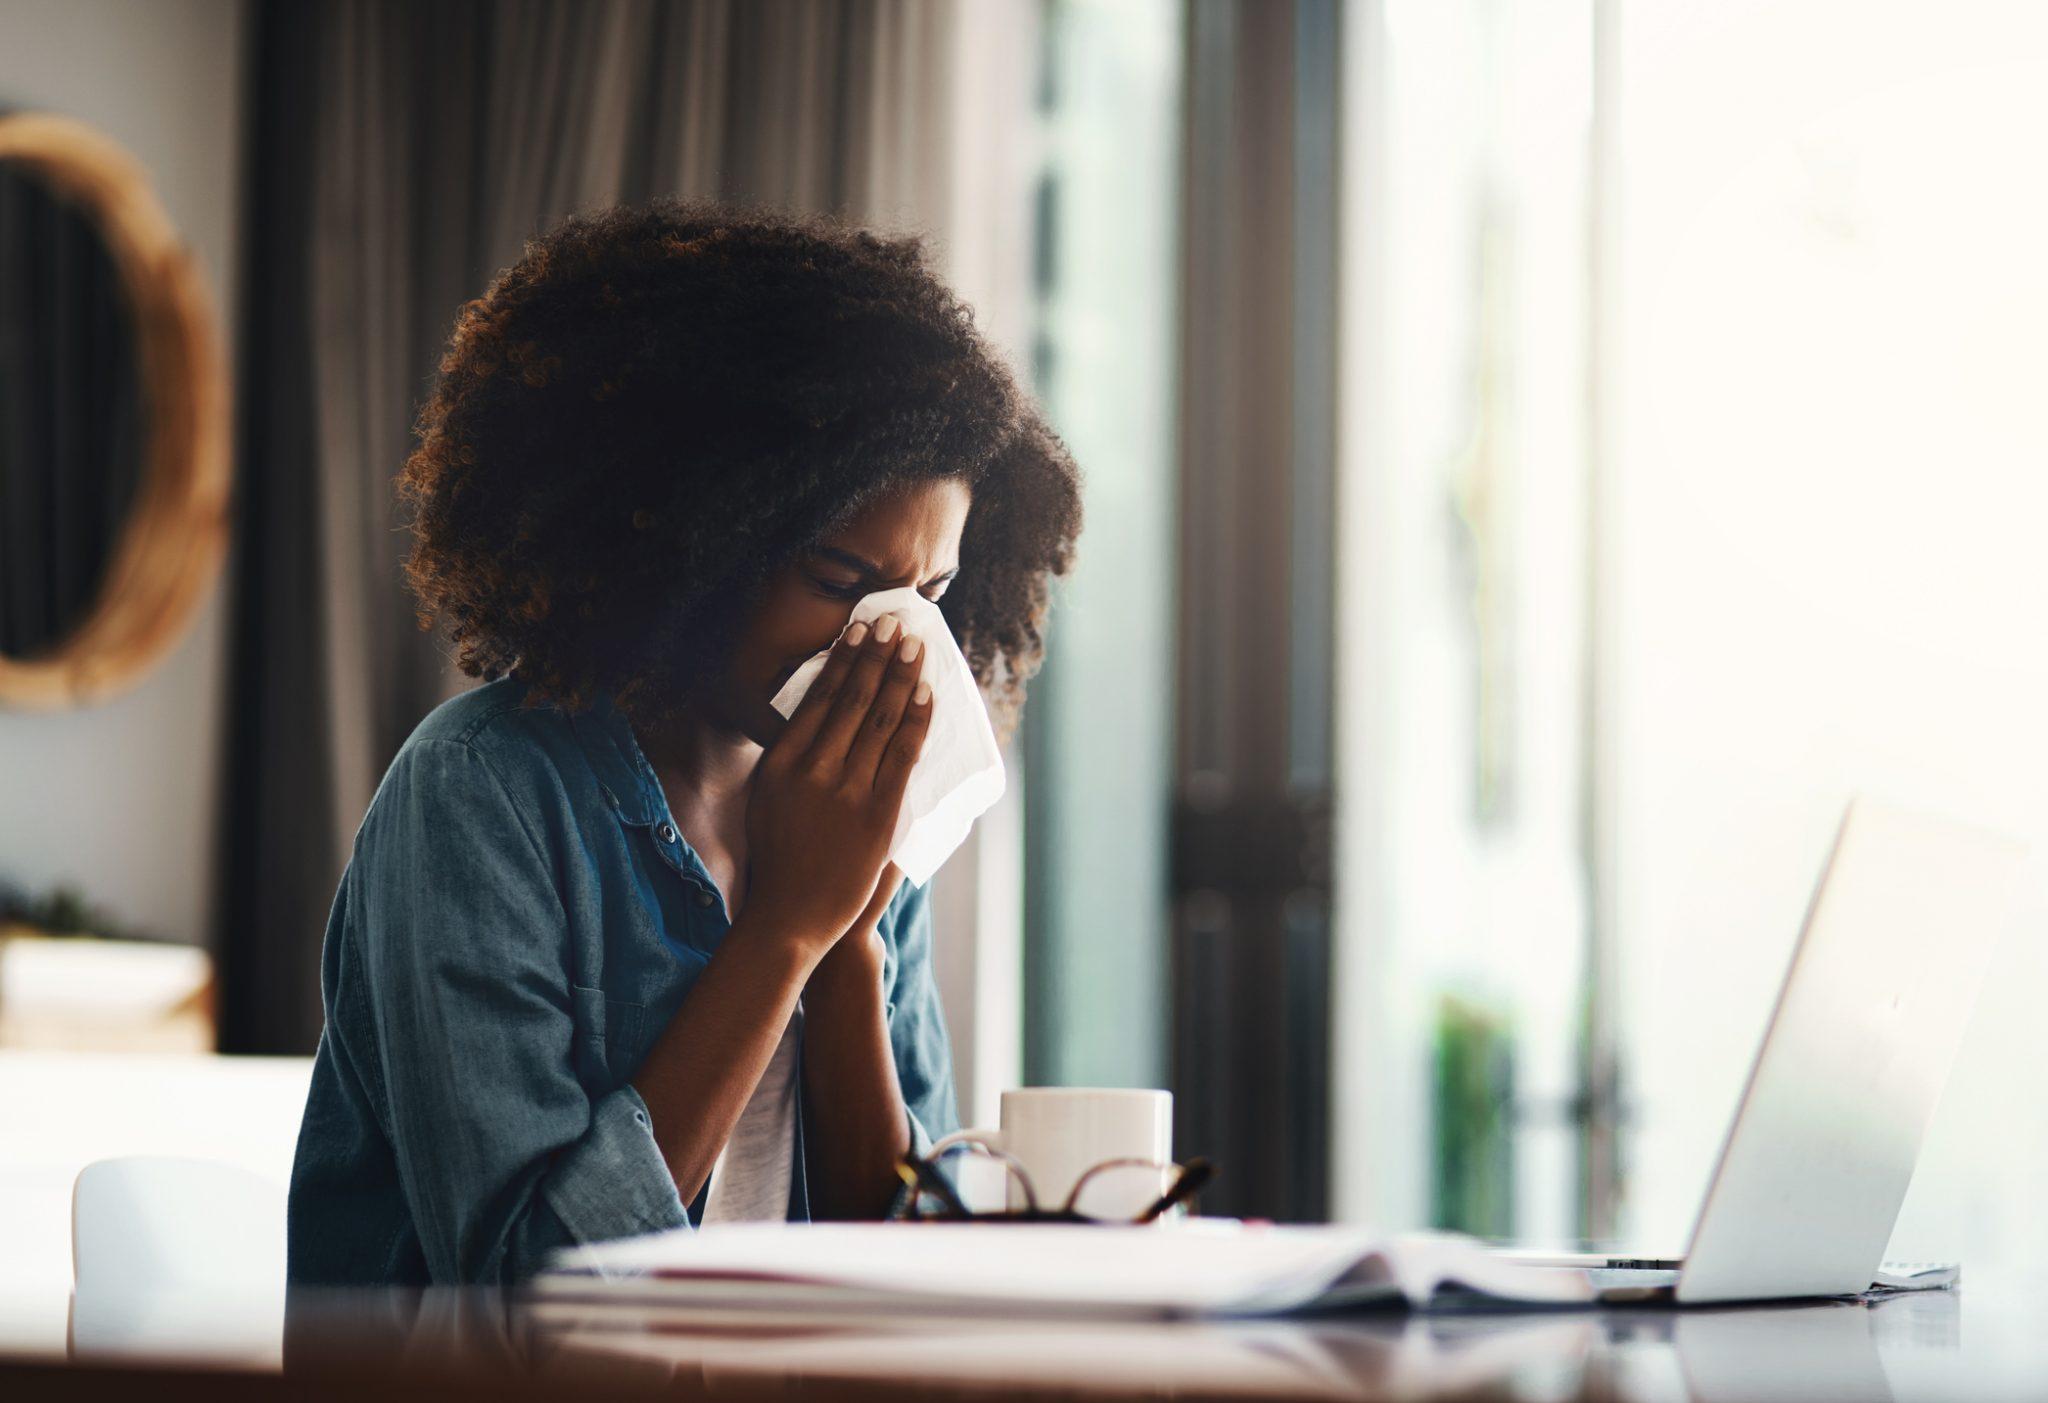 Une étude de la CGT dévoile qu'une écrasante majorité de salariés veut continuer à travailler à distance, mais en étant bien encadrée